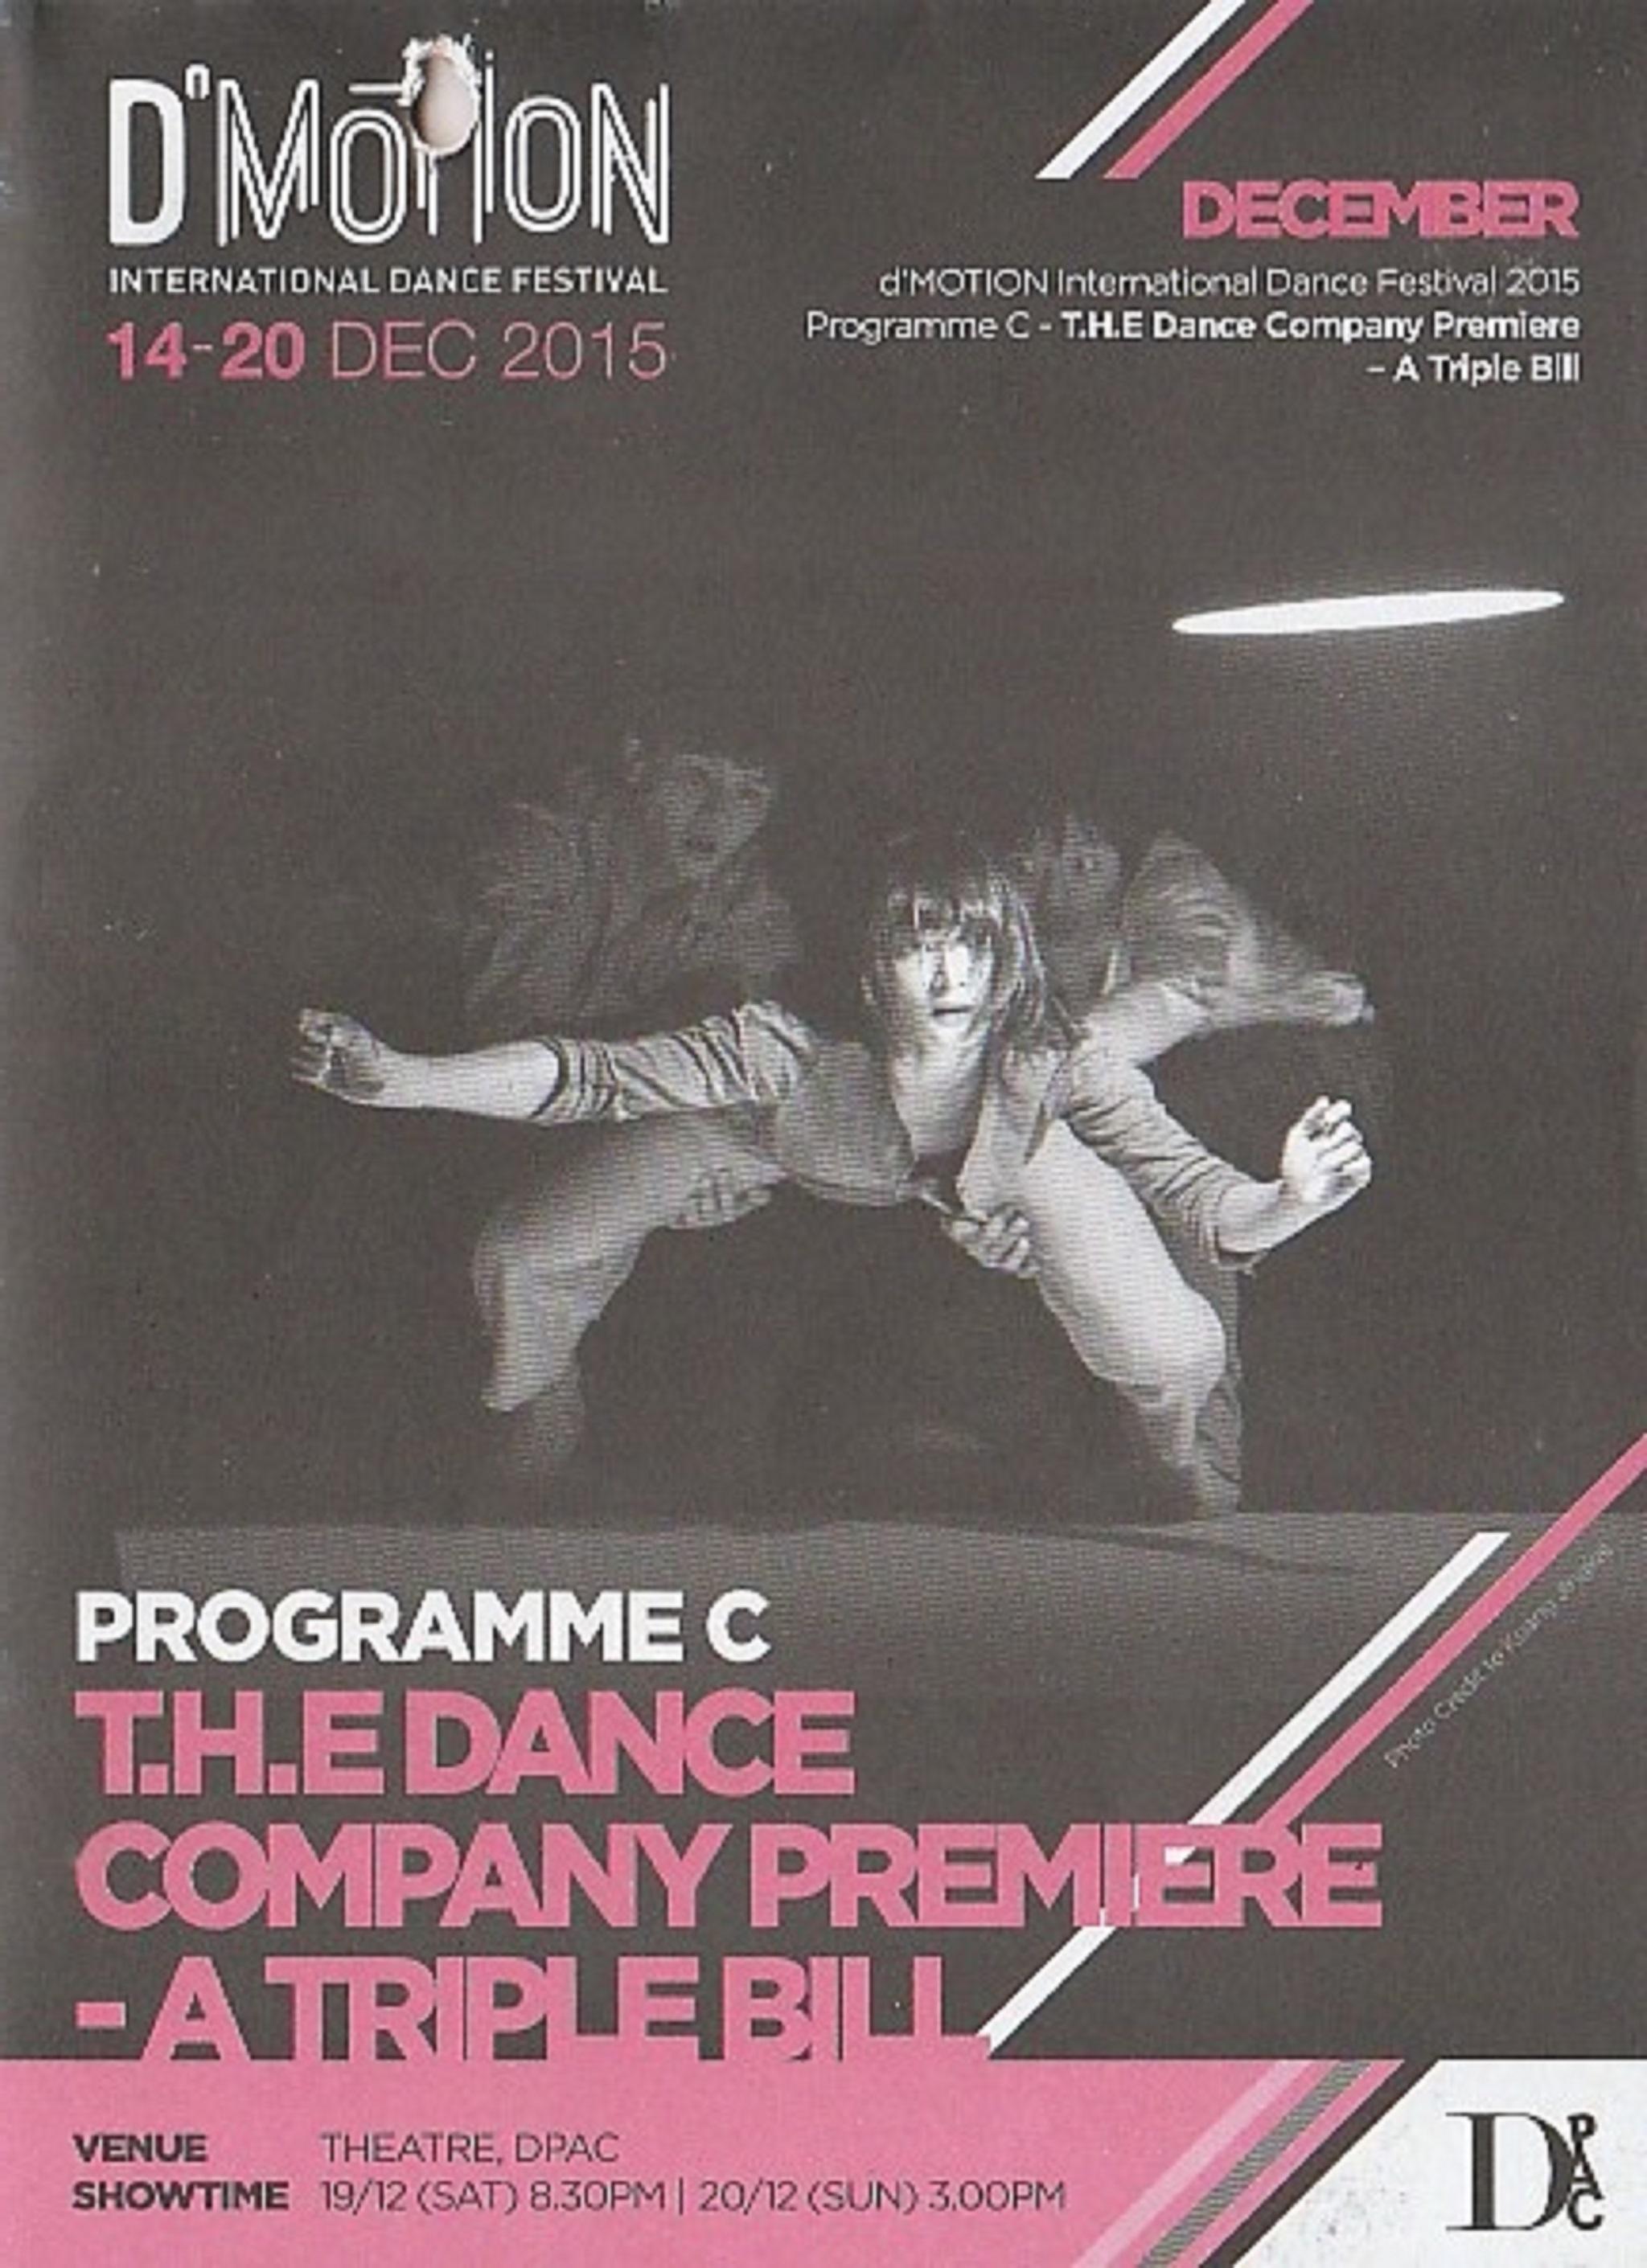 2015 DMotion Programme C T.H.E Dance Company Priemiere A Triple Bill Cover